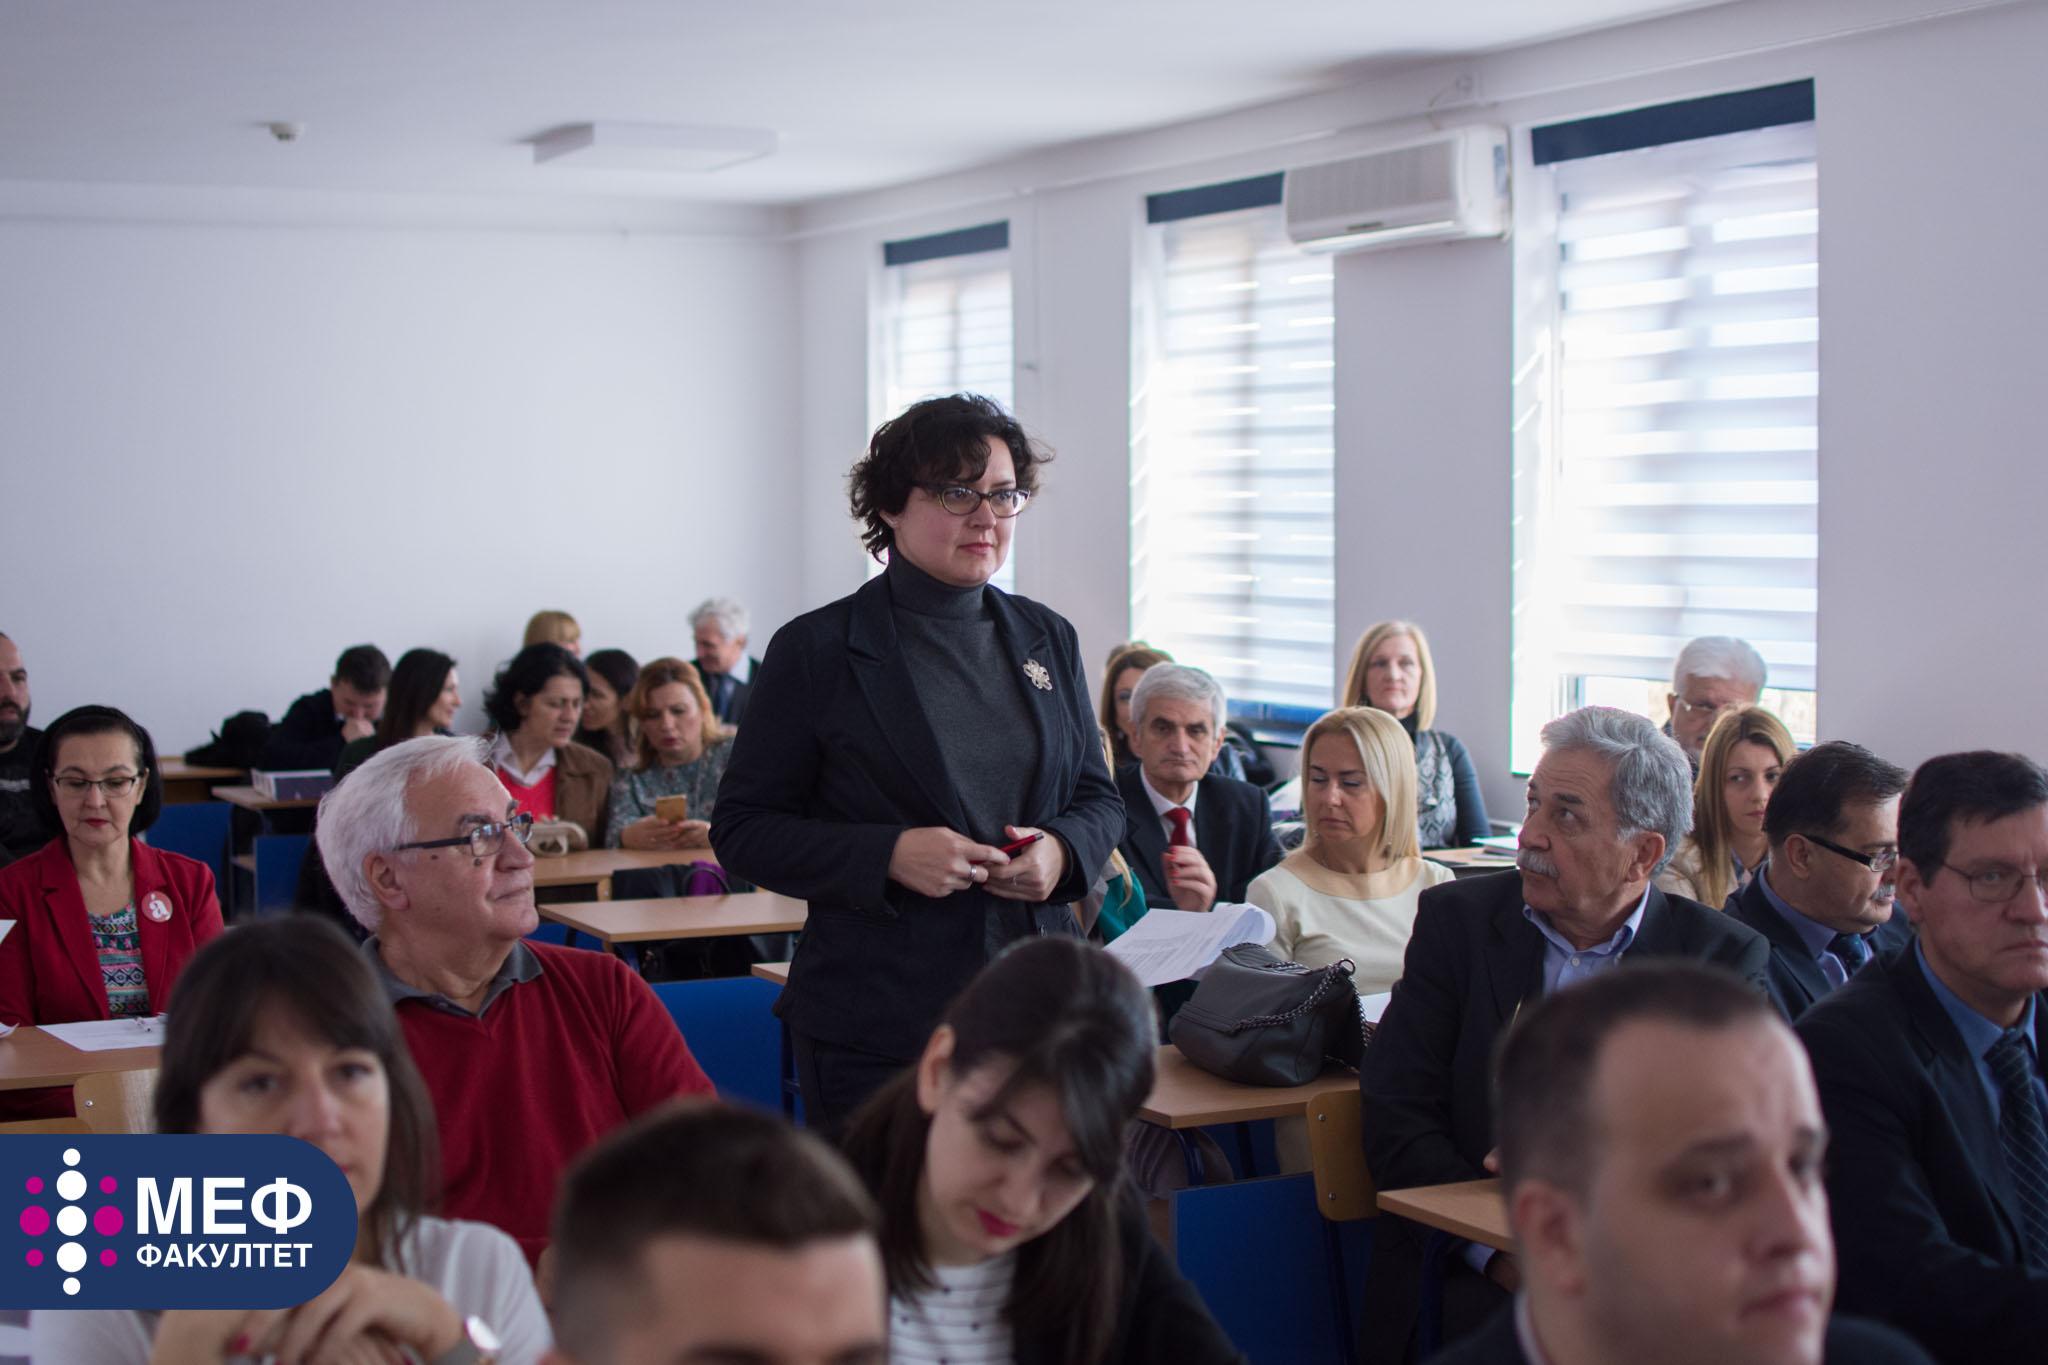 MEF Fakultet - izvestaj sa konferencije 13